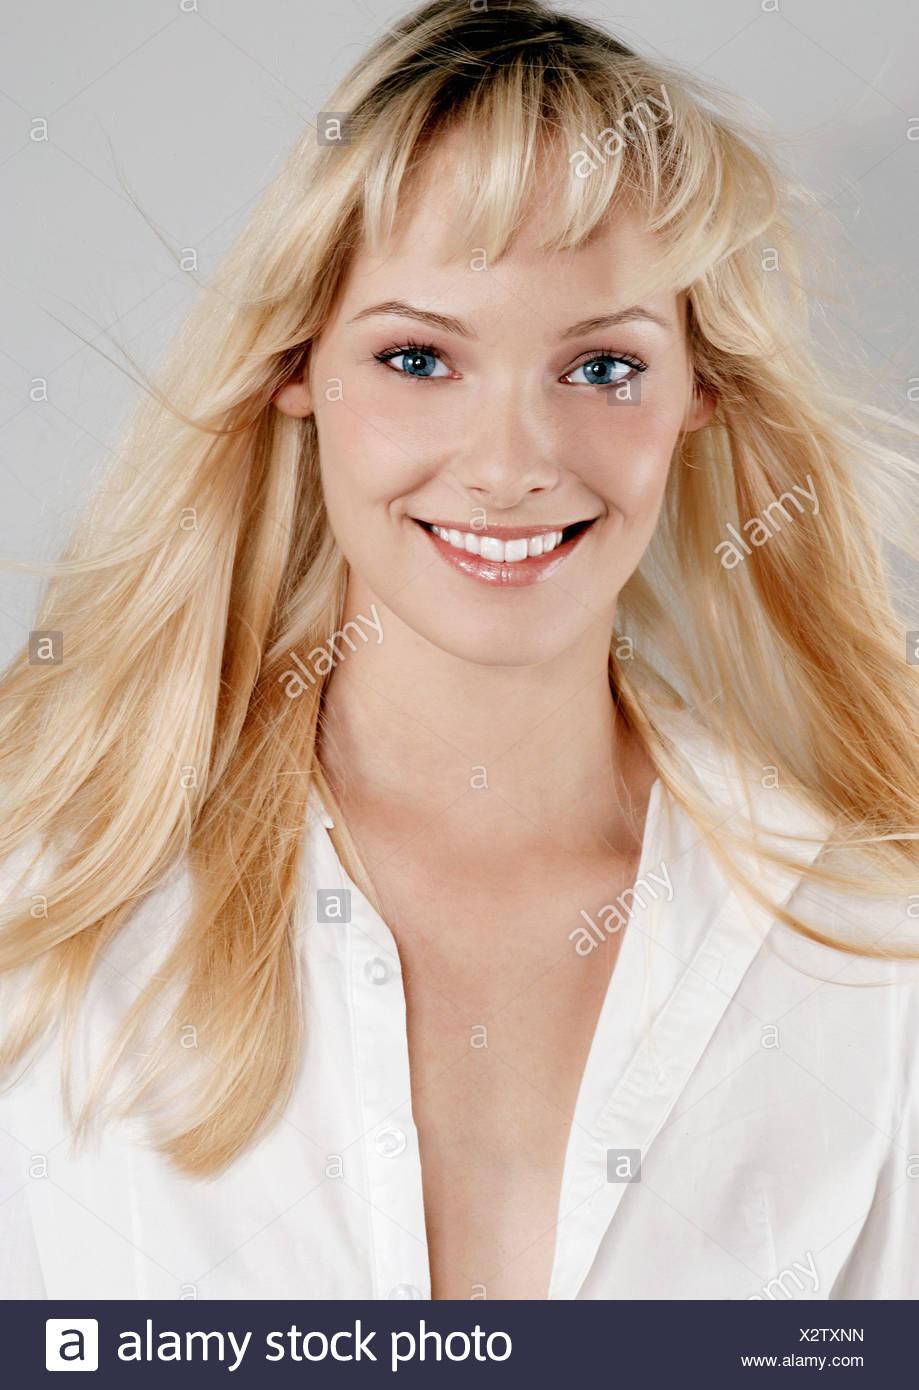 Weibliche Blonde Lange Haare Tragen Pfirsich Make Up Weißen